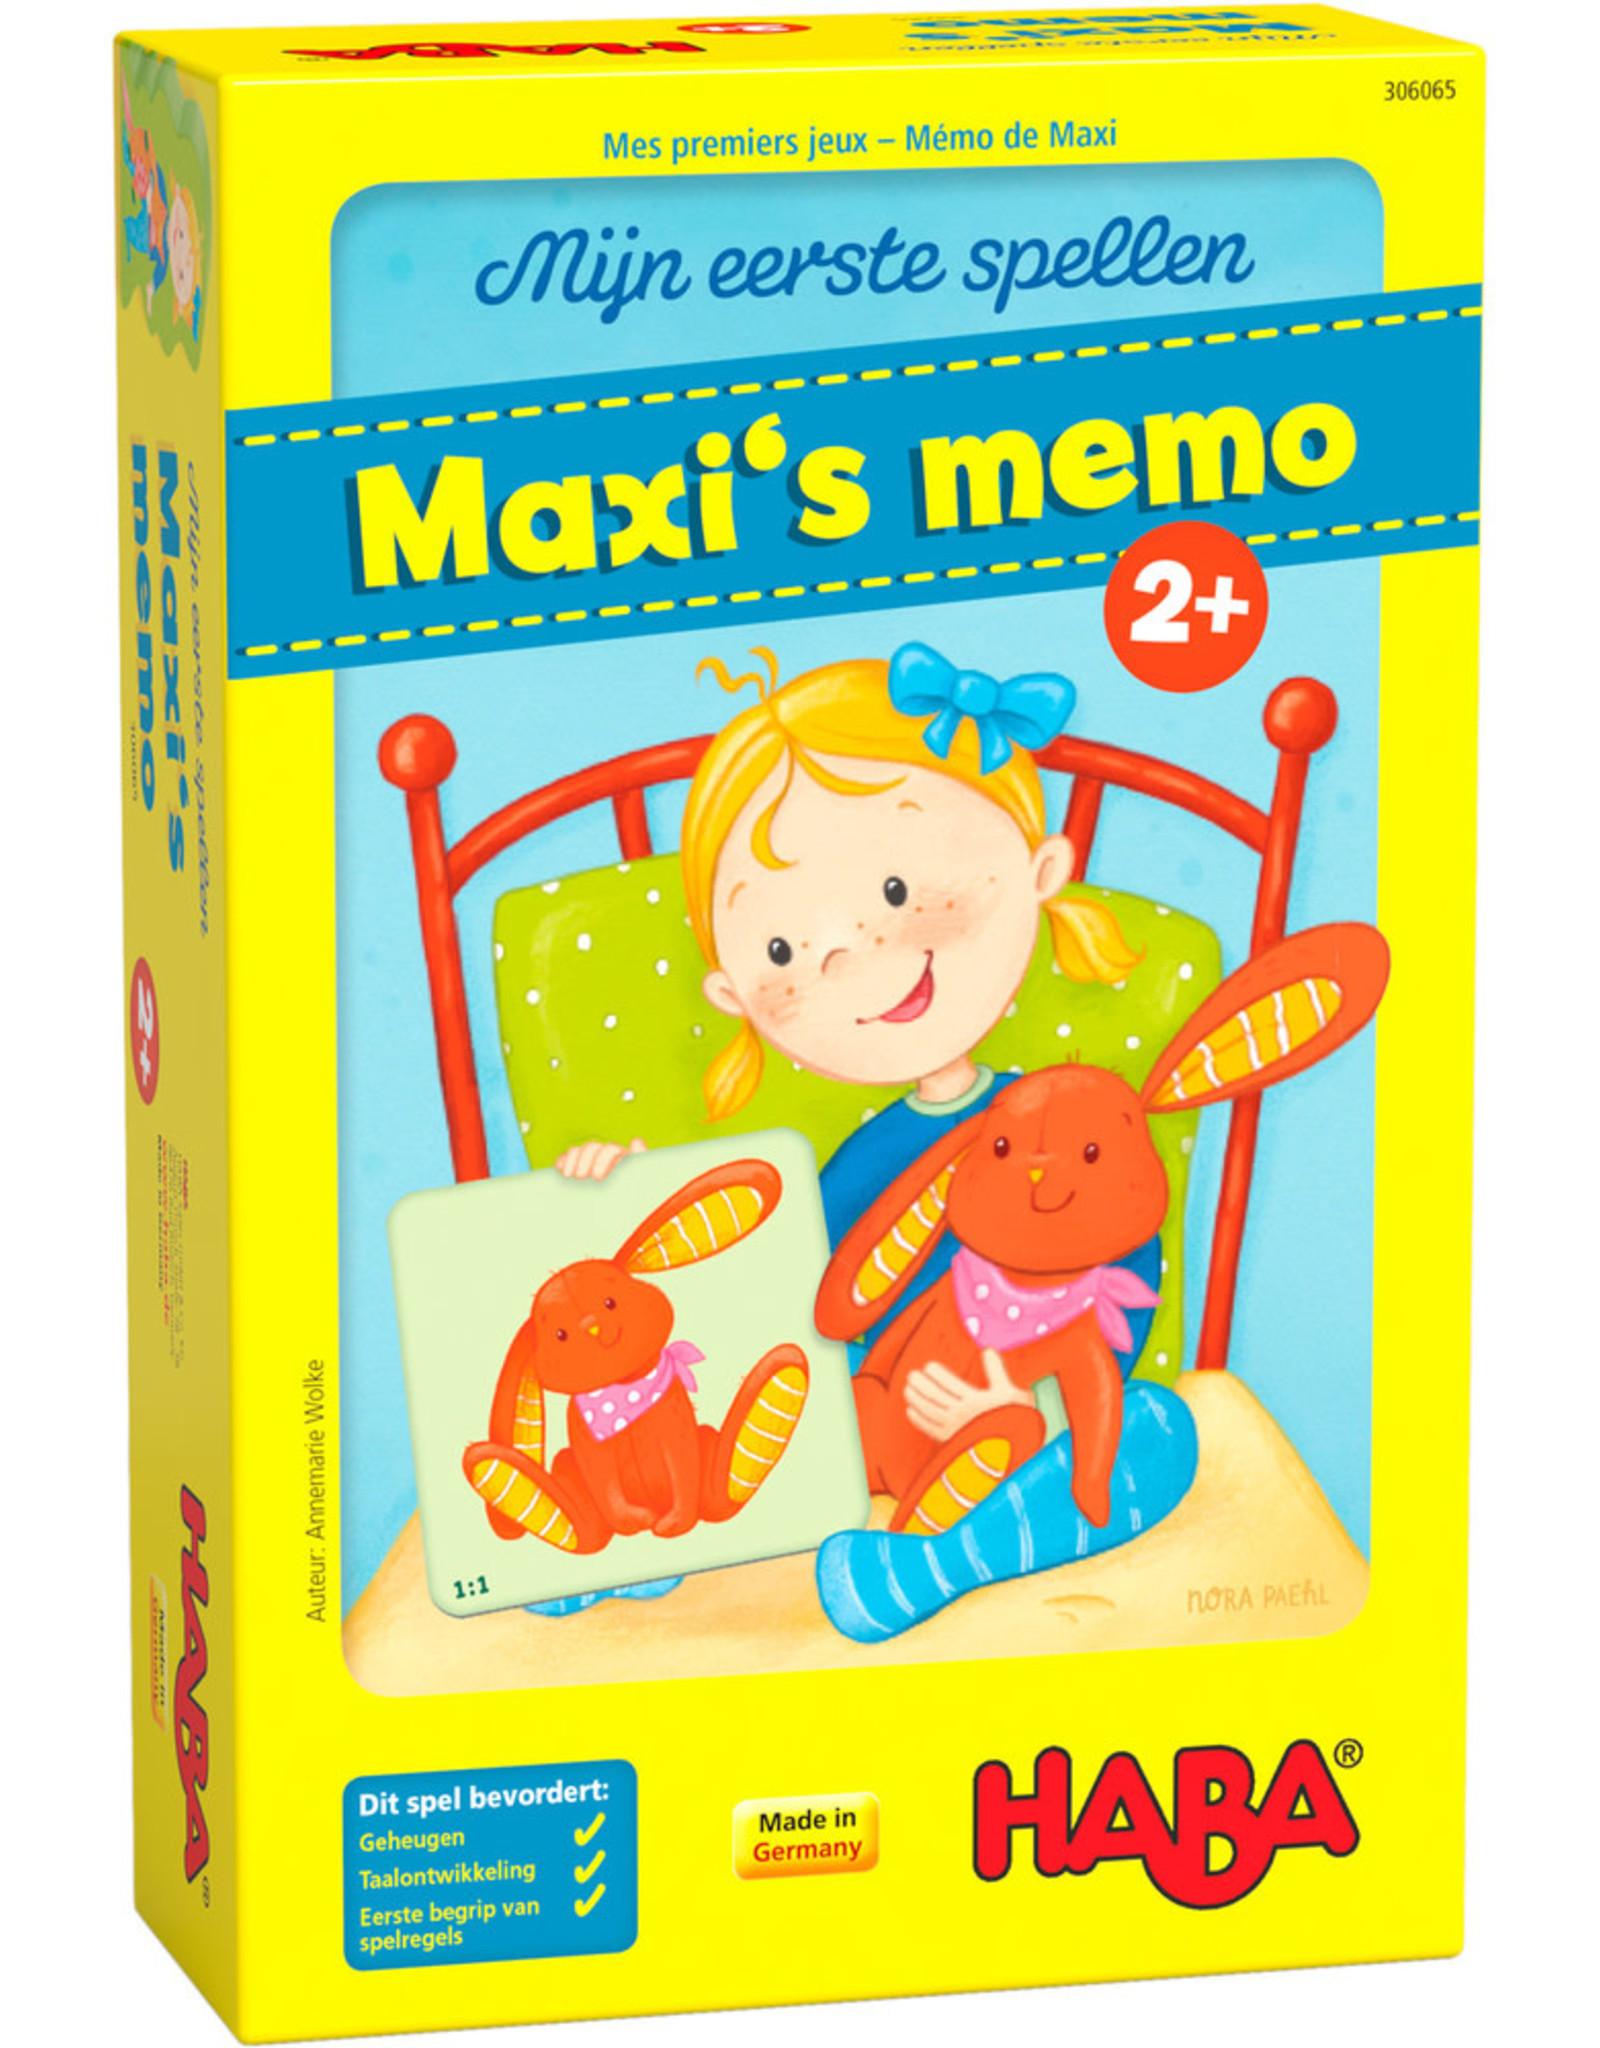 HABA Eerste spel Maxi's memo